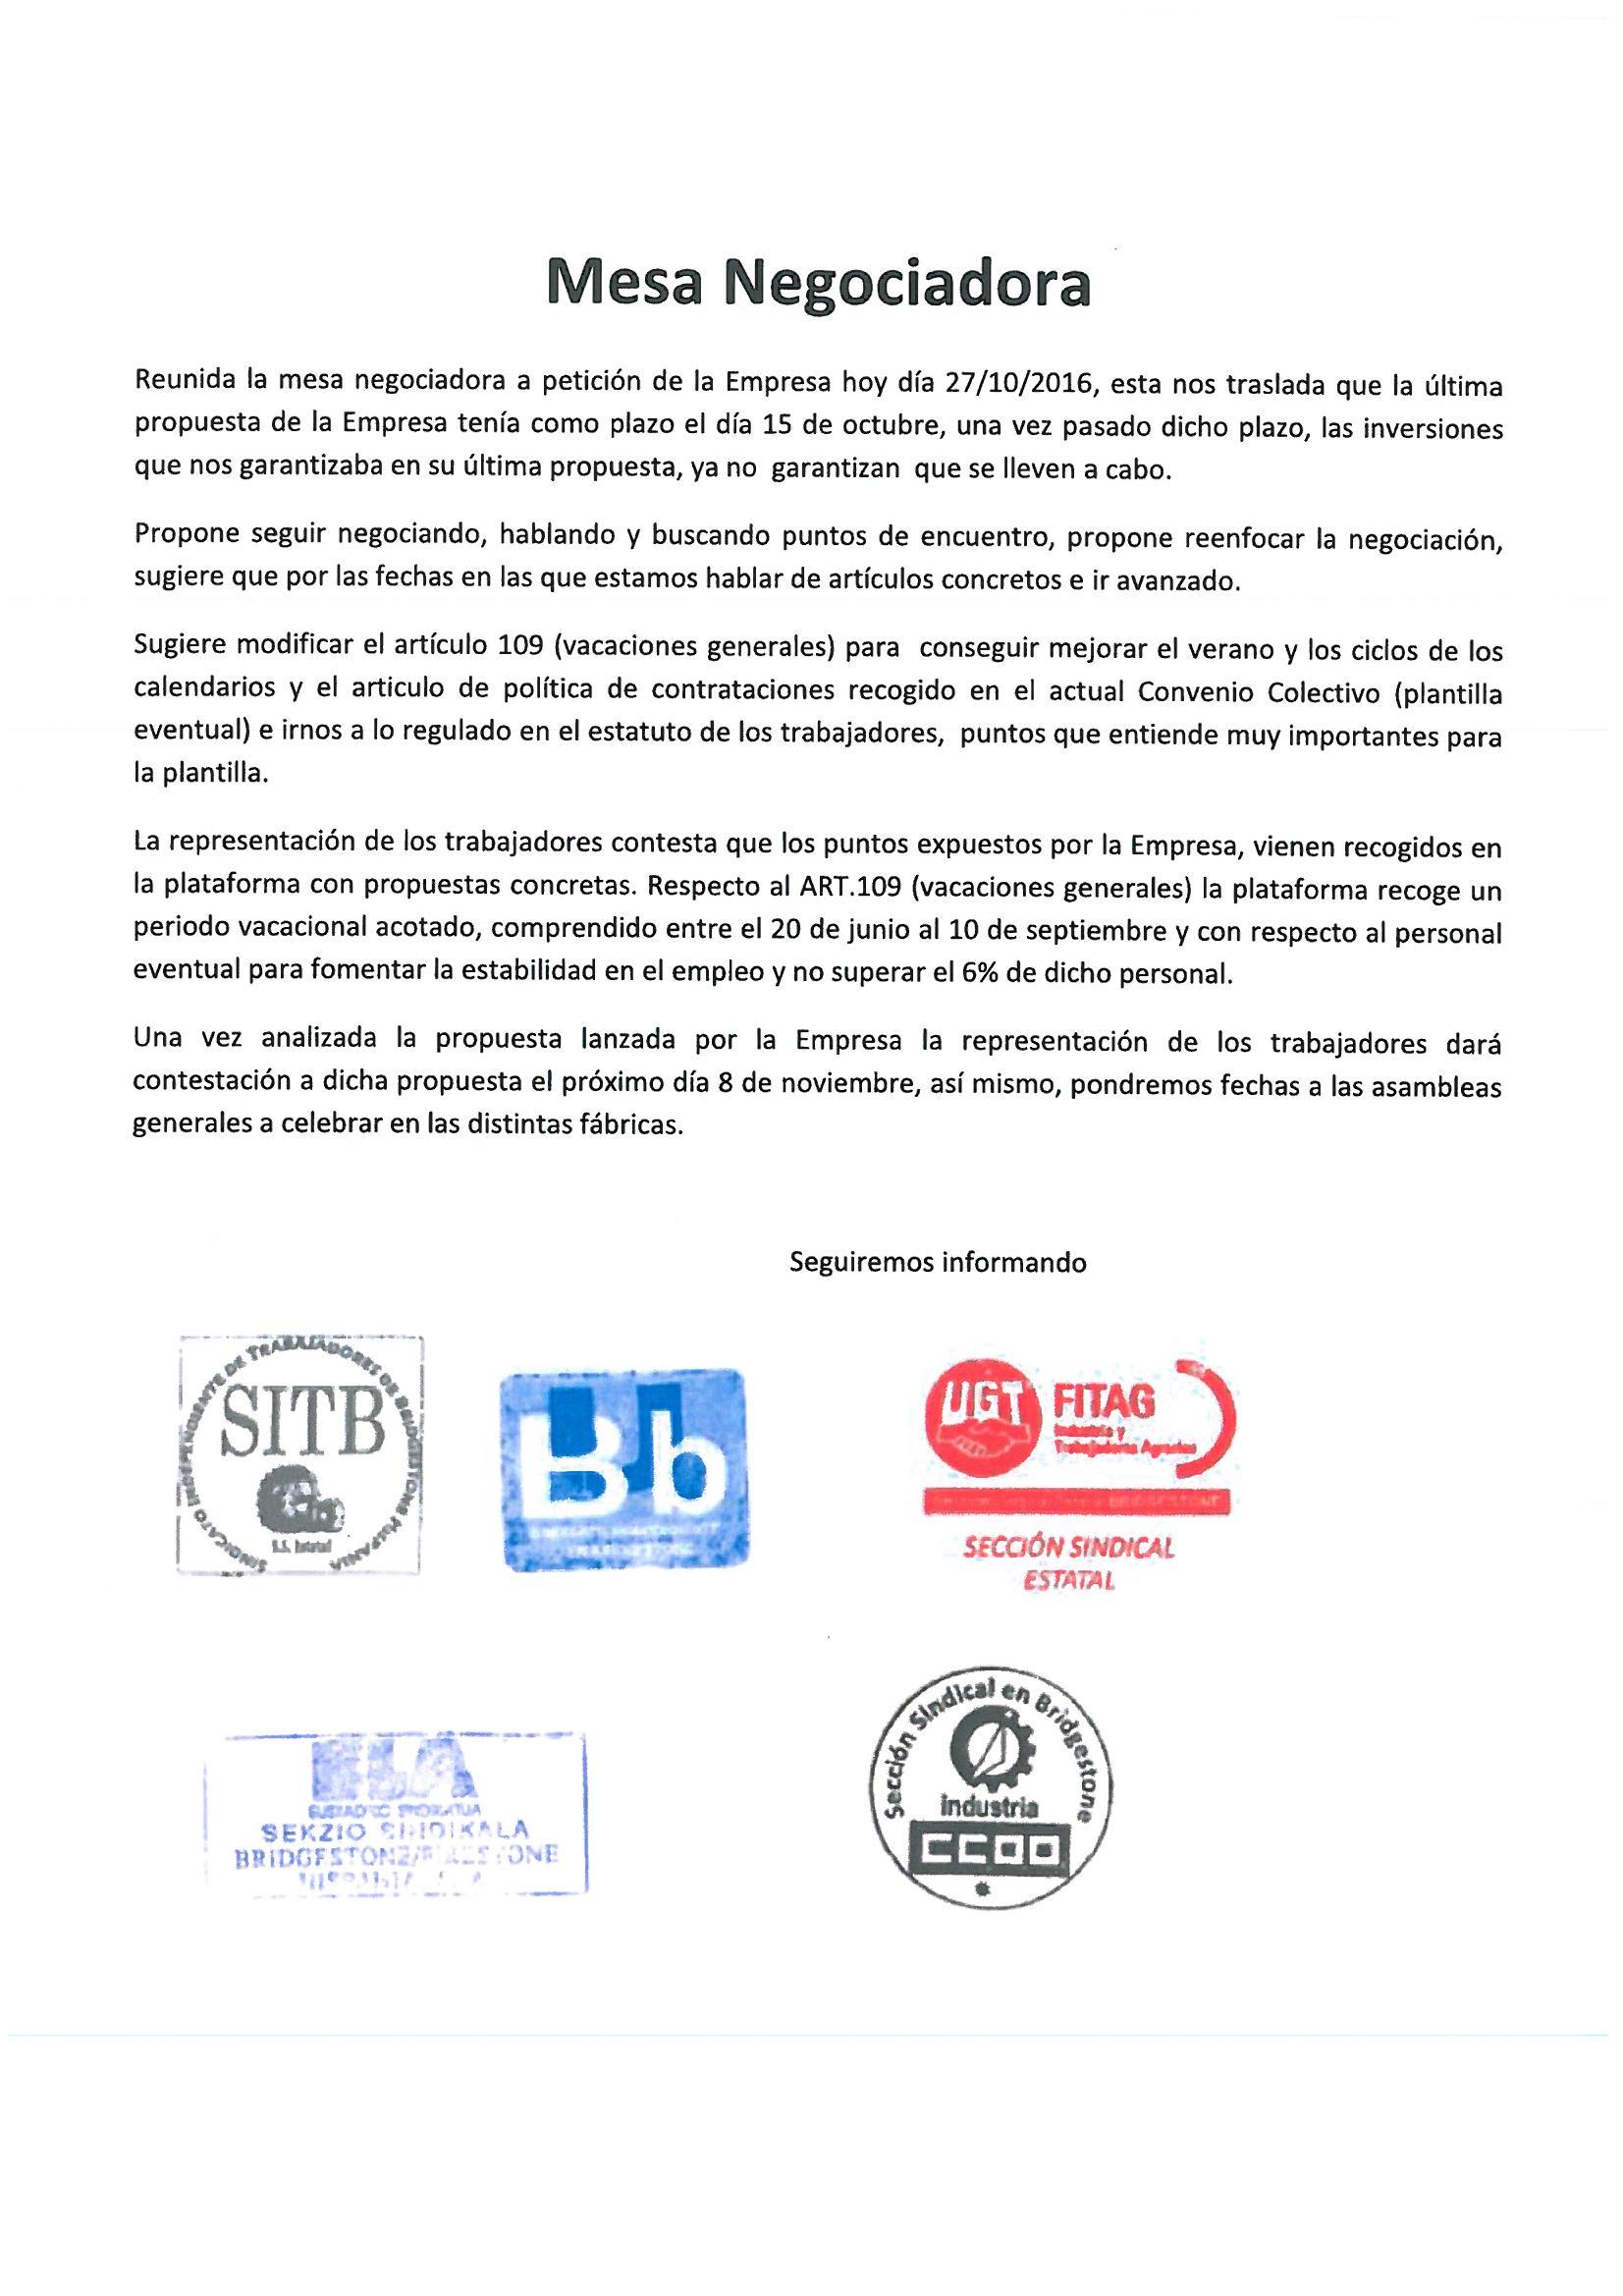 20161027-comunicado-mesa-negociadora